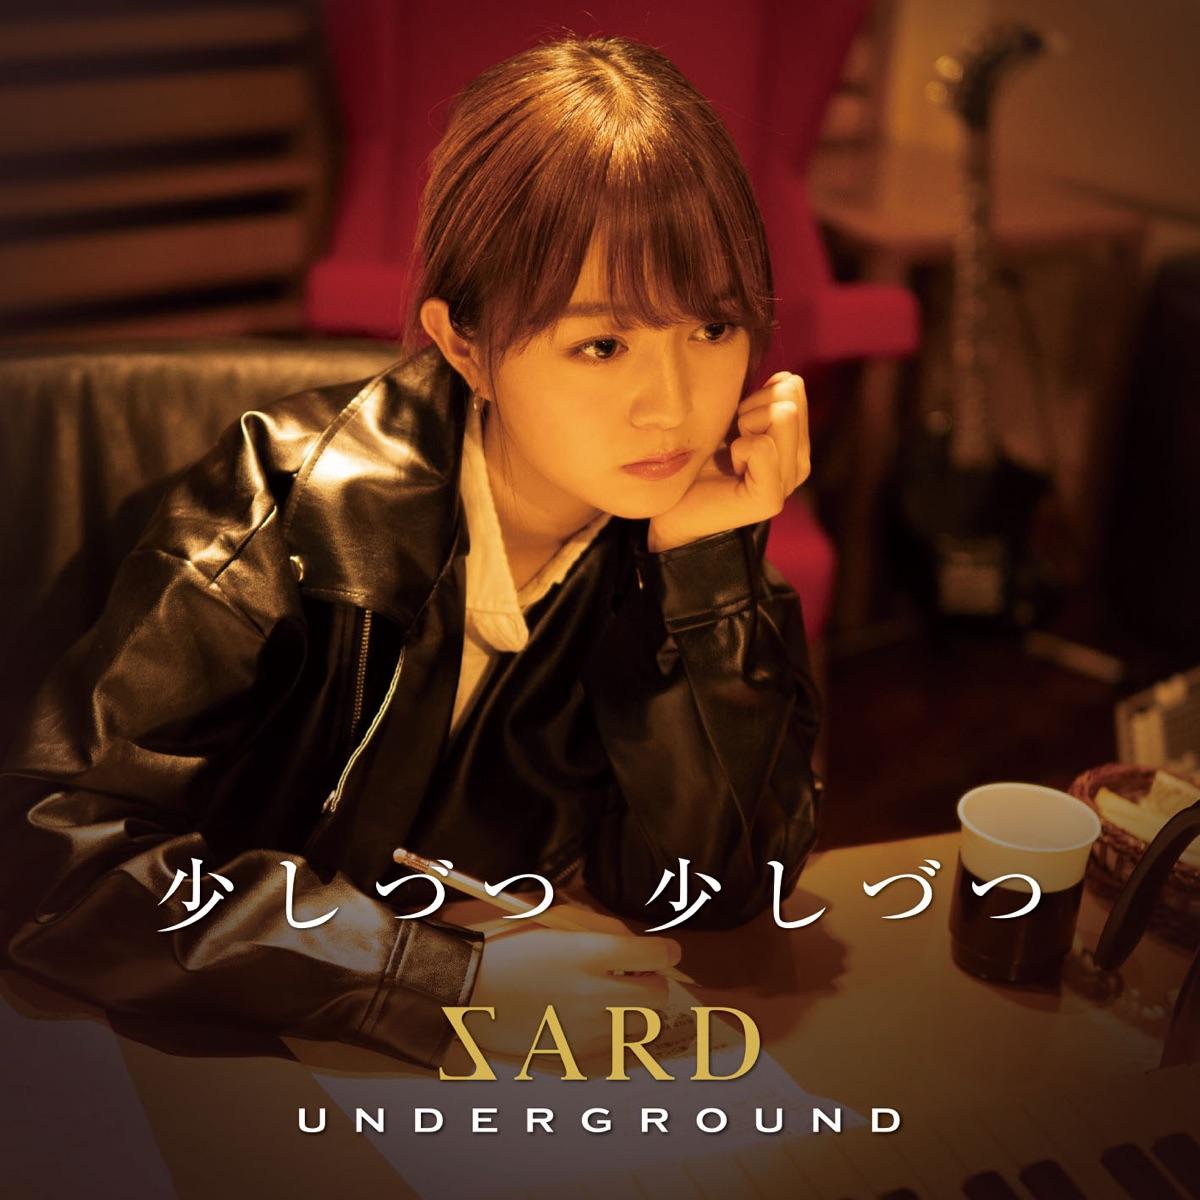 『SARD UNDERGROUND - 少しづつ 少しづつ』収録の『少しづつ 少しづつ』ジャケット